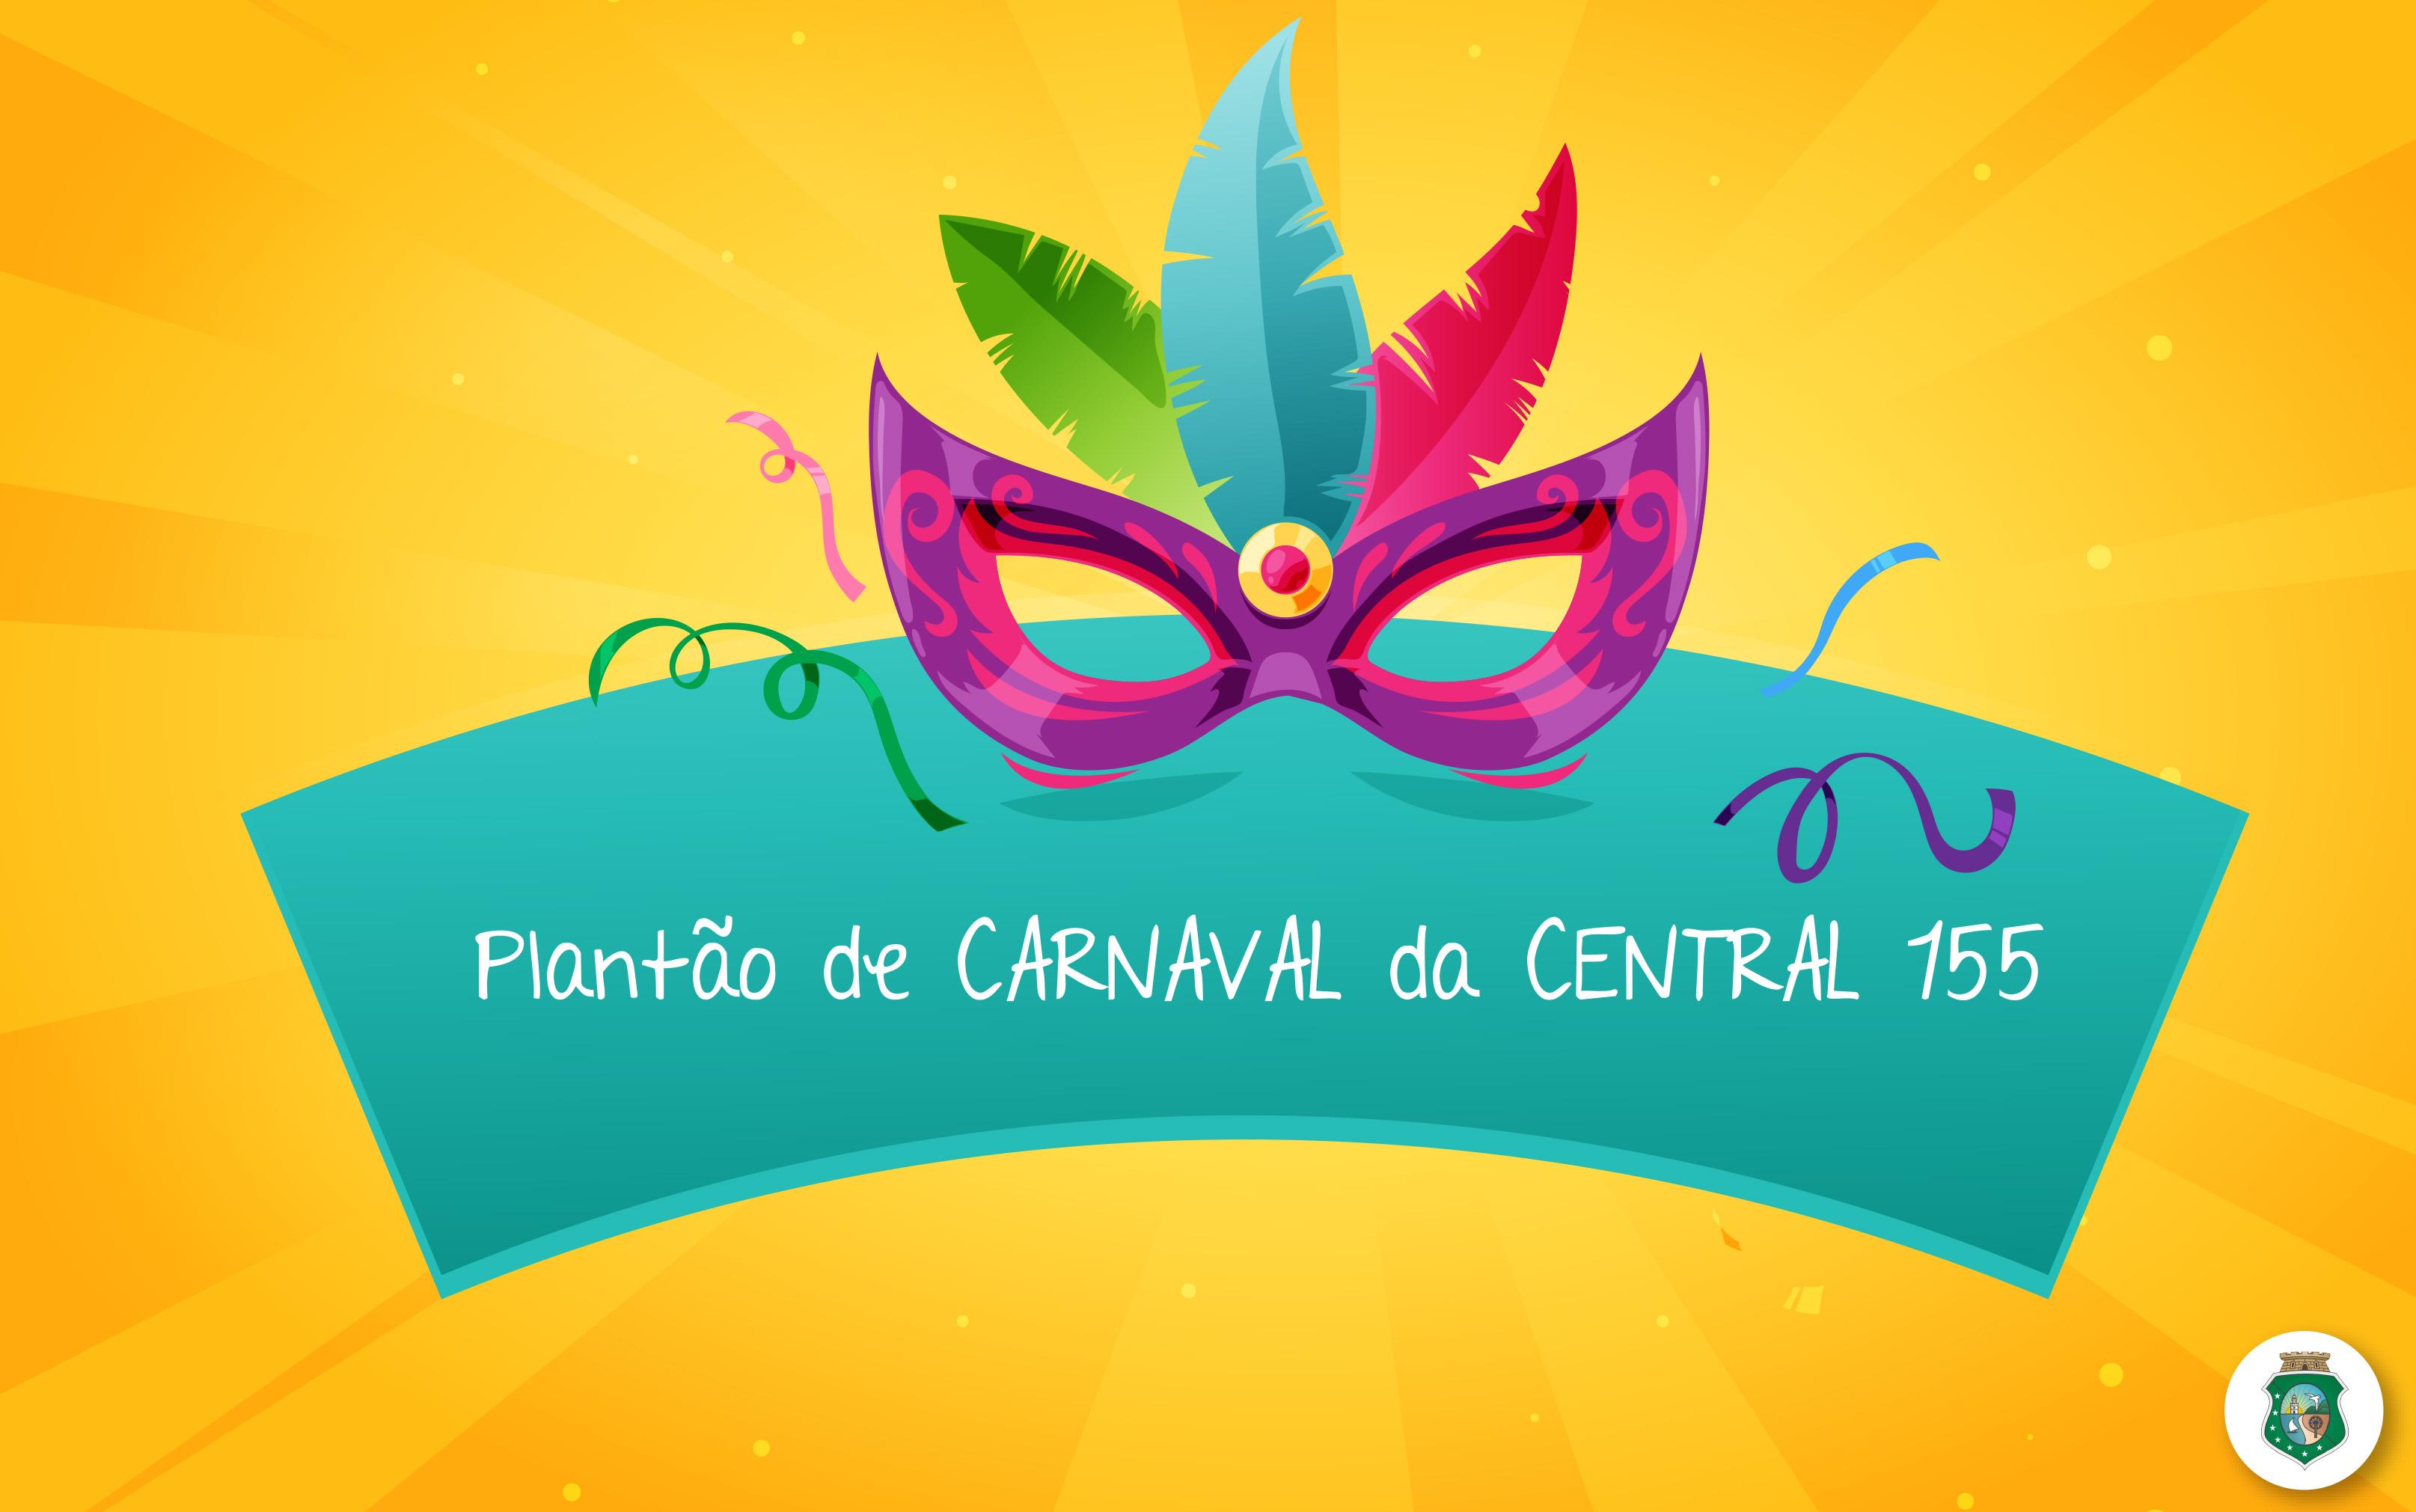 Fique ligado! Central 155 funcionará em regime de plantão neste Carnaval